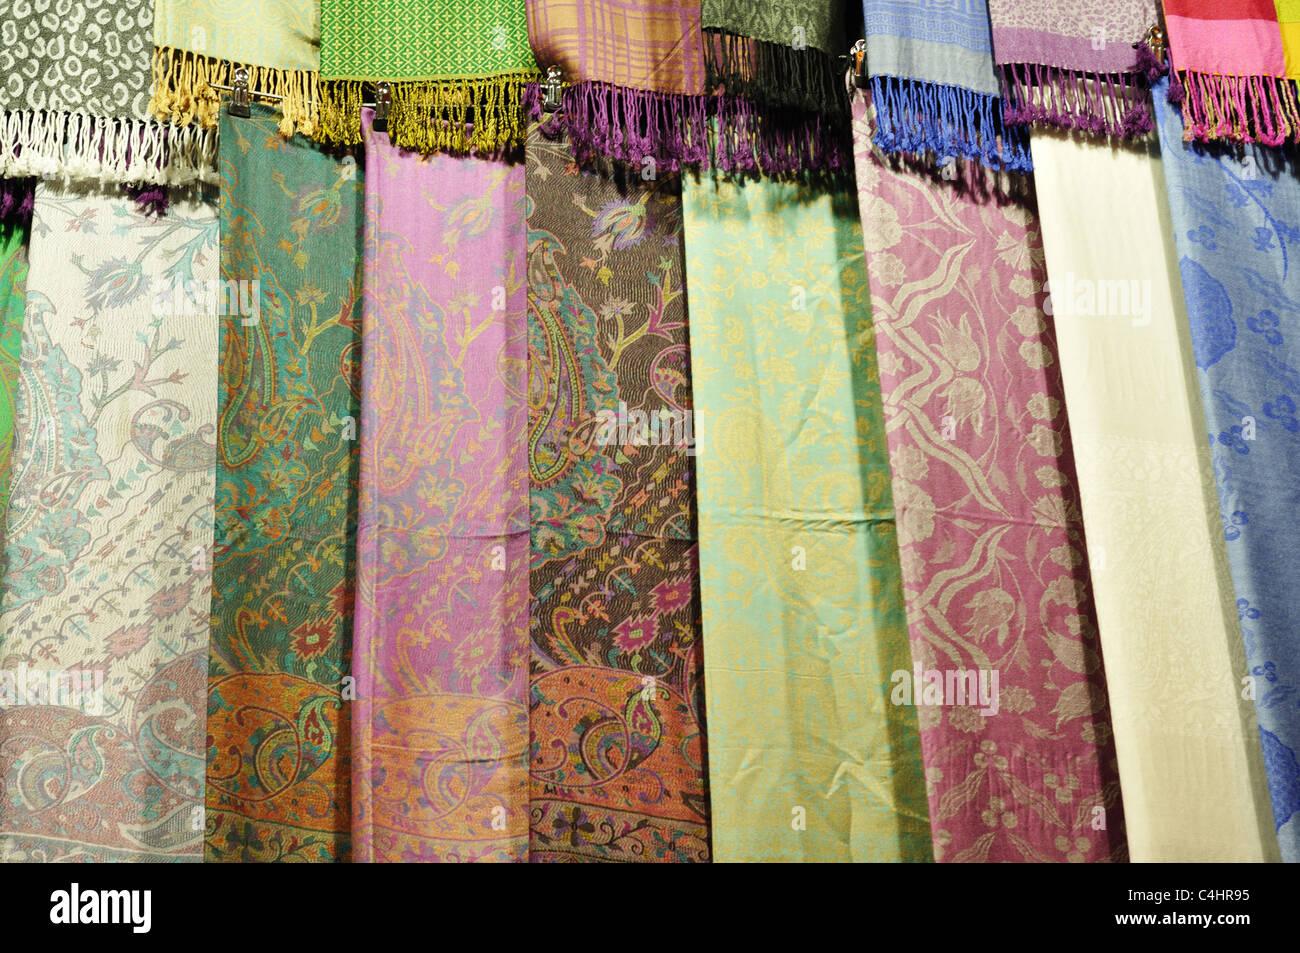 b094d35b8497 La Turquie, Istanbul, Grand Bazar (Kapali Carsi), foulards en soie et